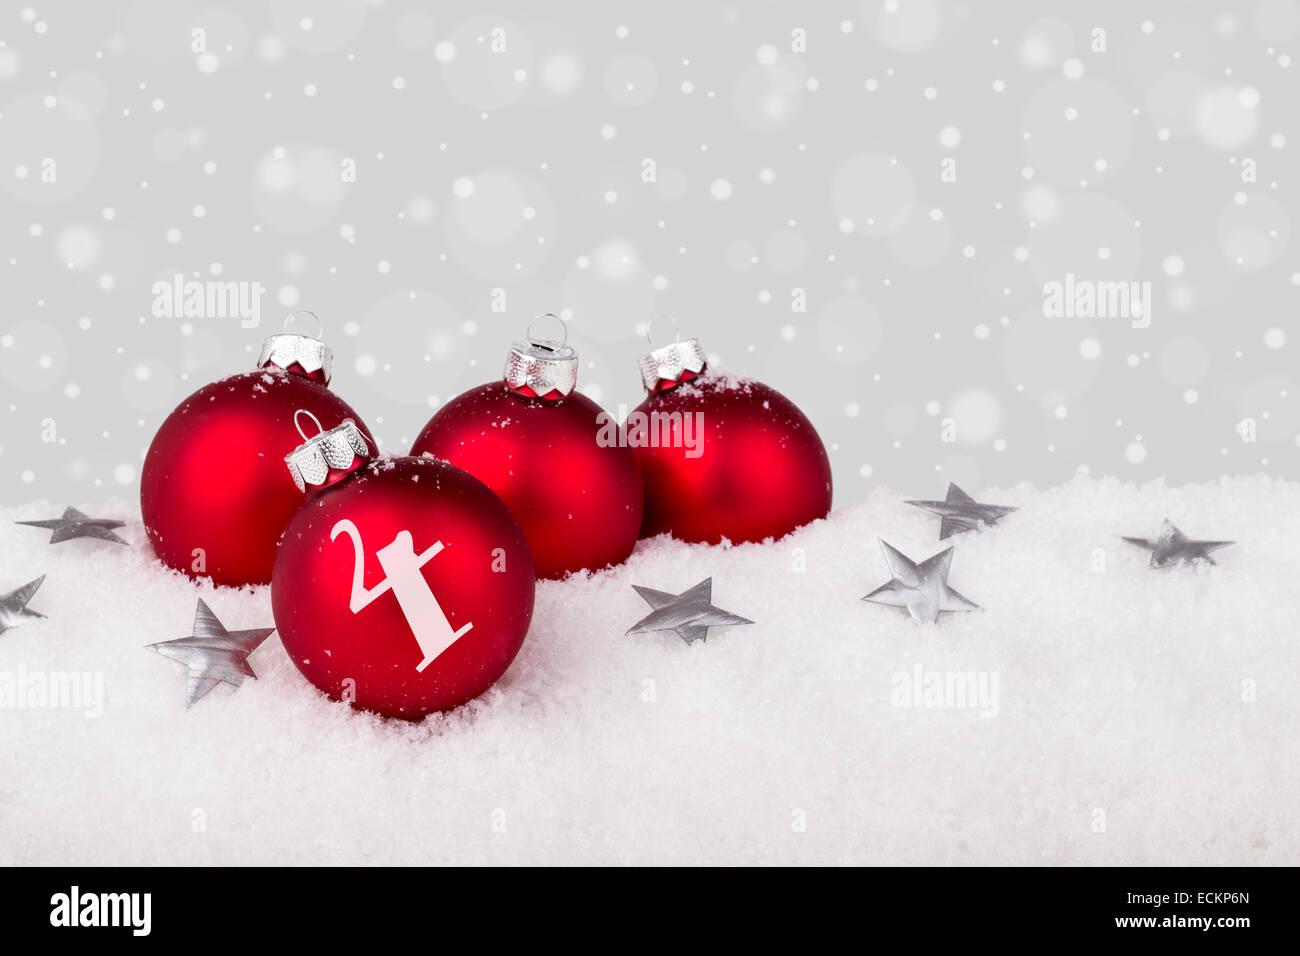 Rote Christbaumkugeln.Rote Christbaumkugeln Mit Platz Vier Im Schnee Stockfoto